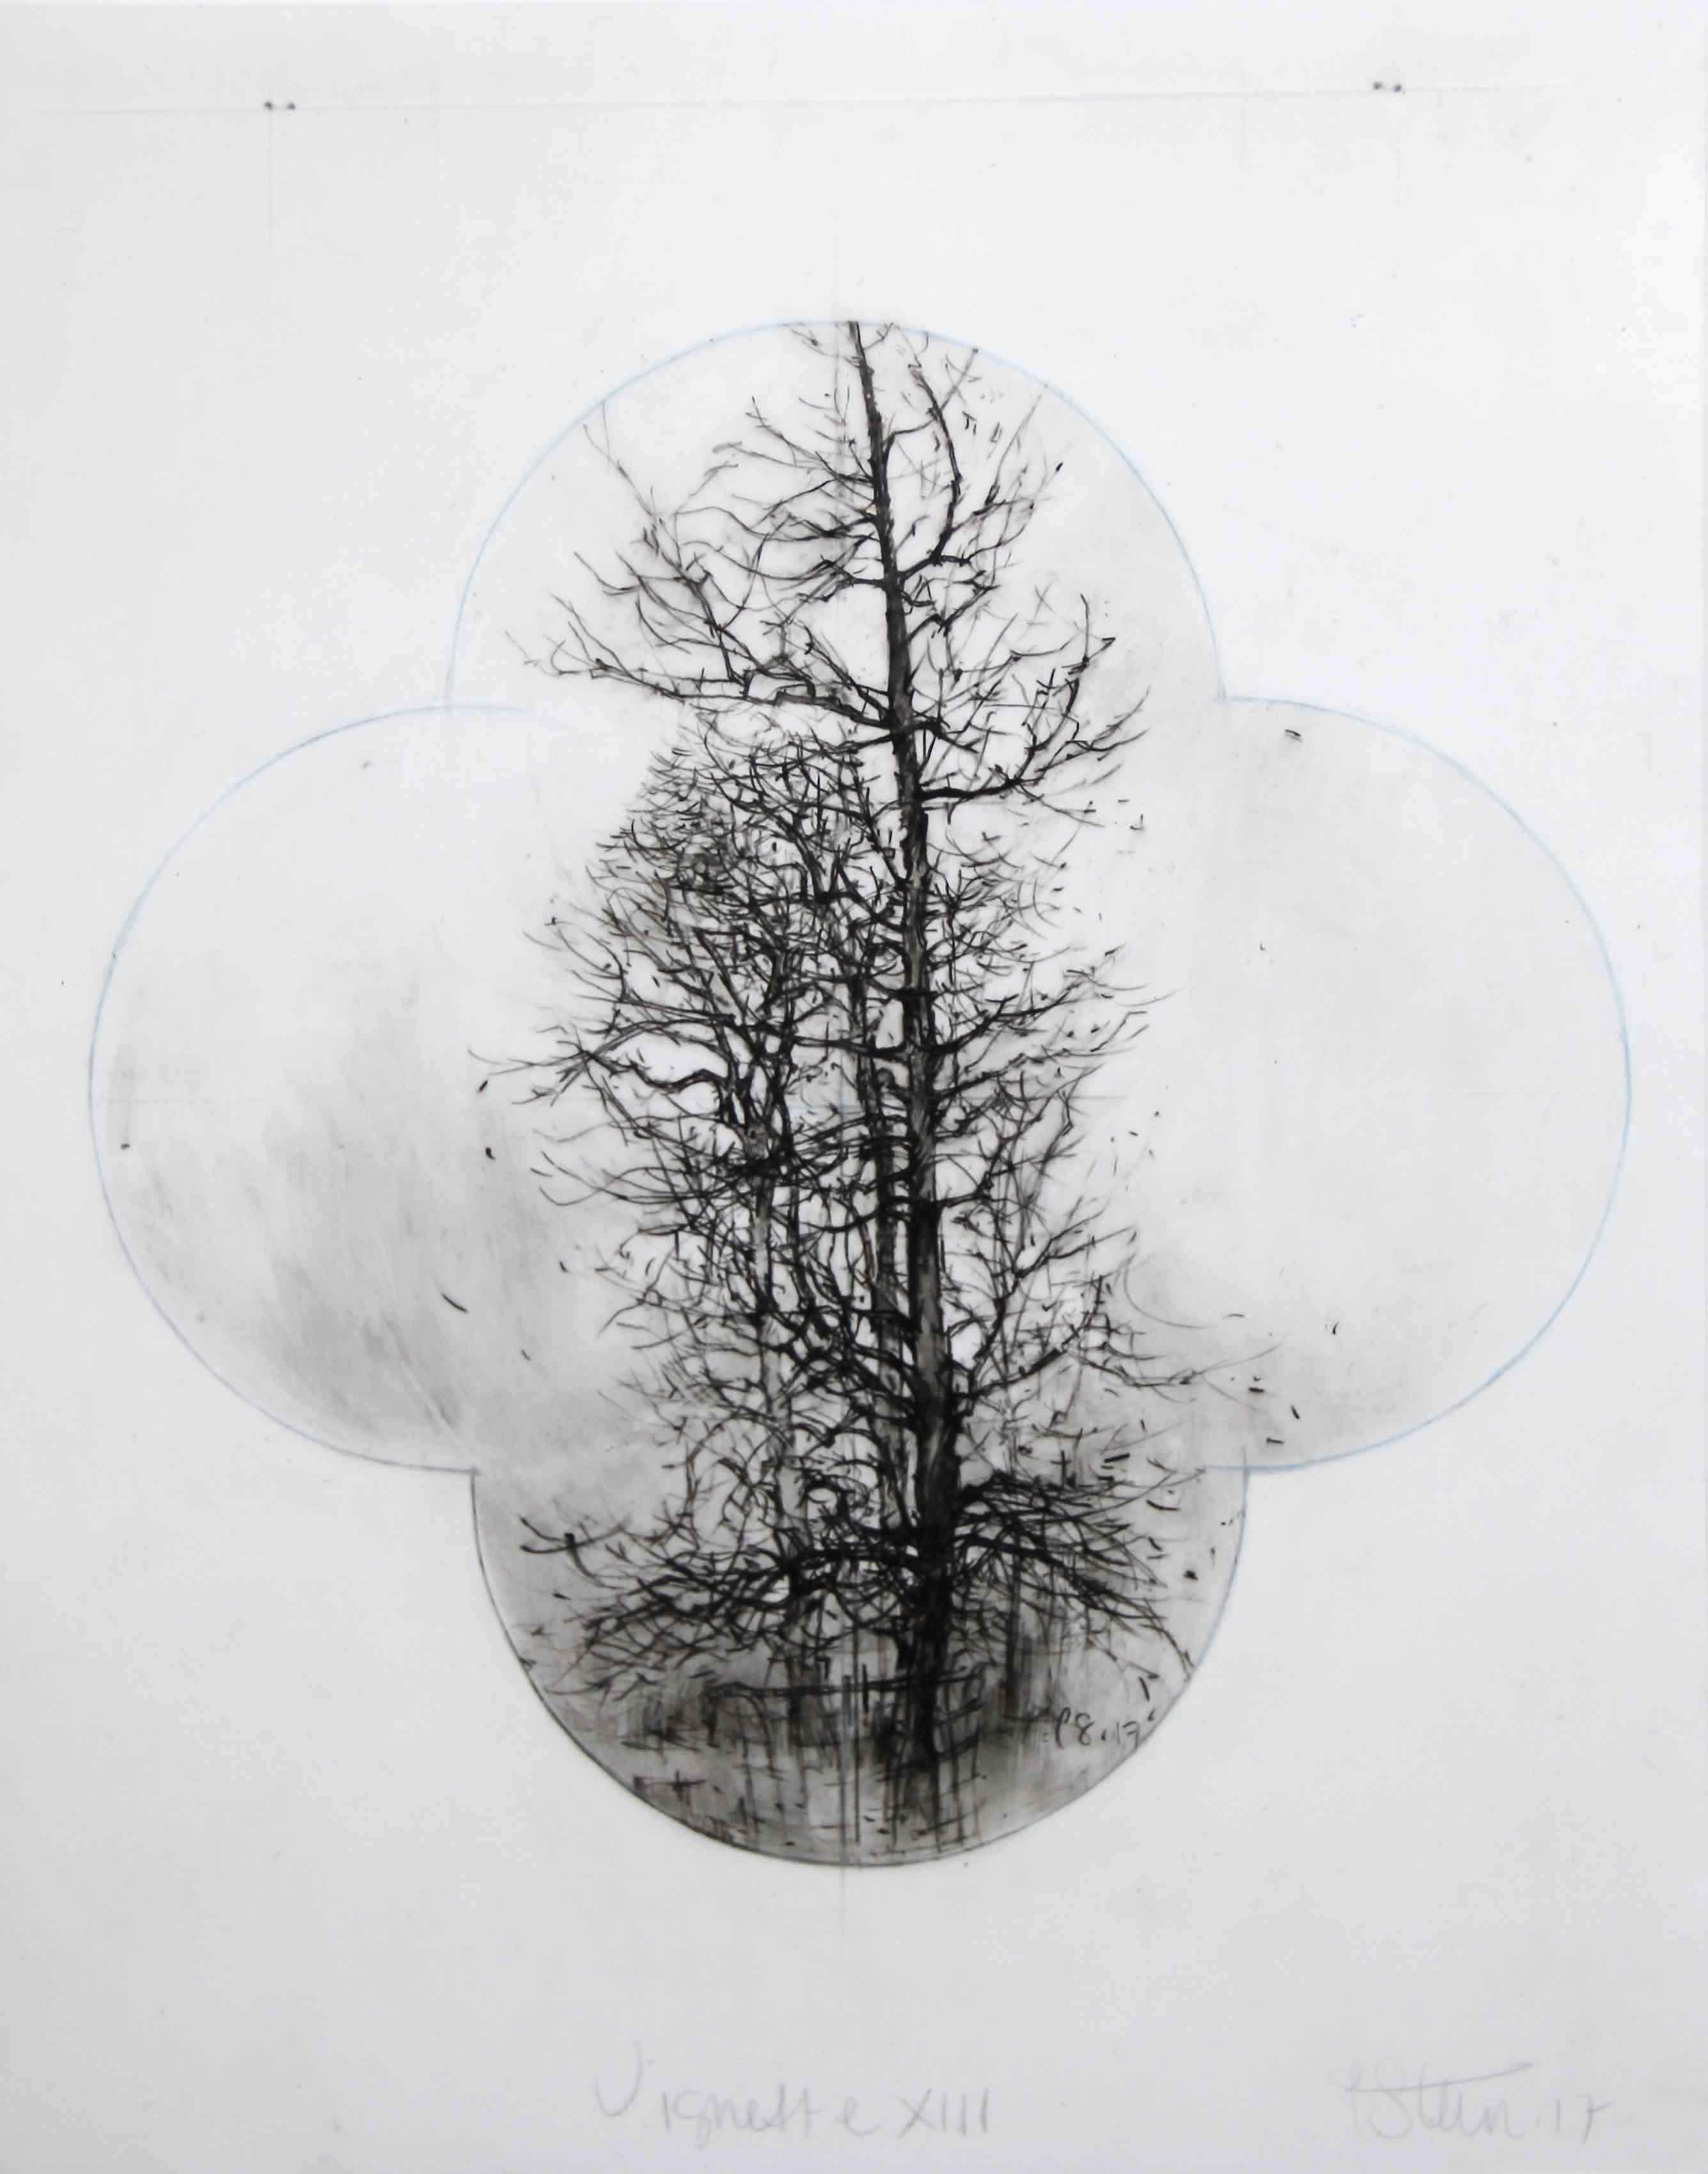 Laurie Steen Vignette XIII, 28x34.5cm copy